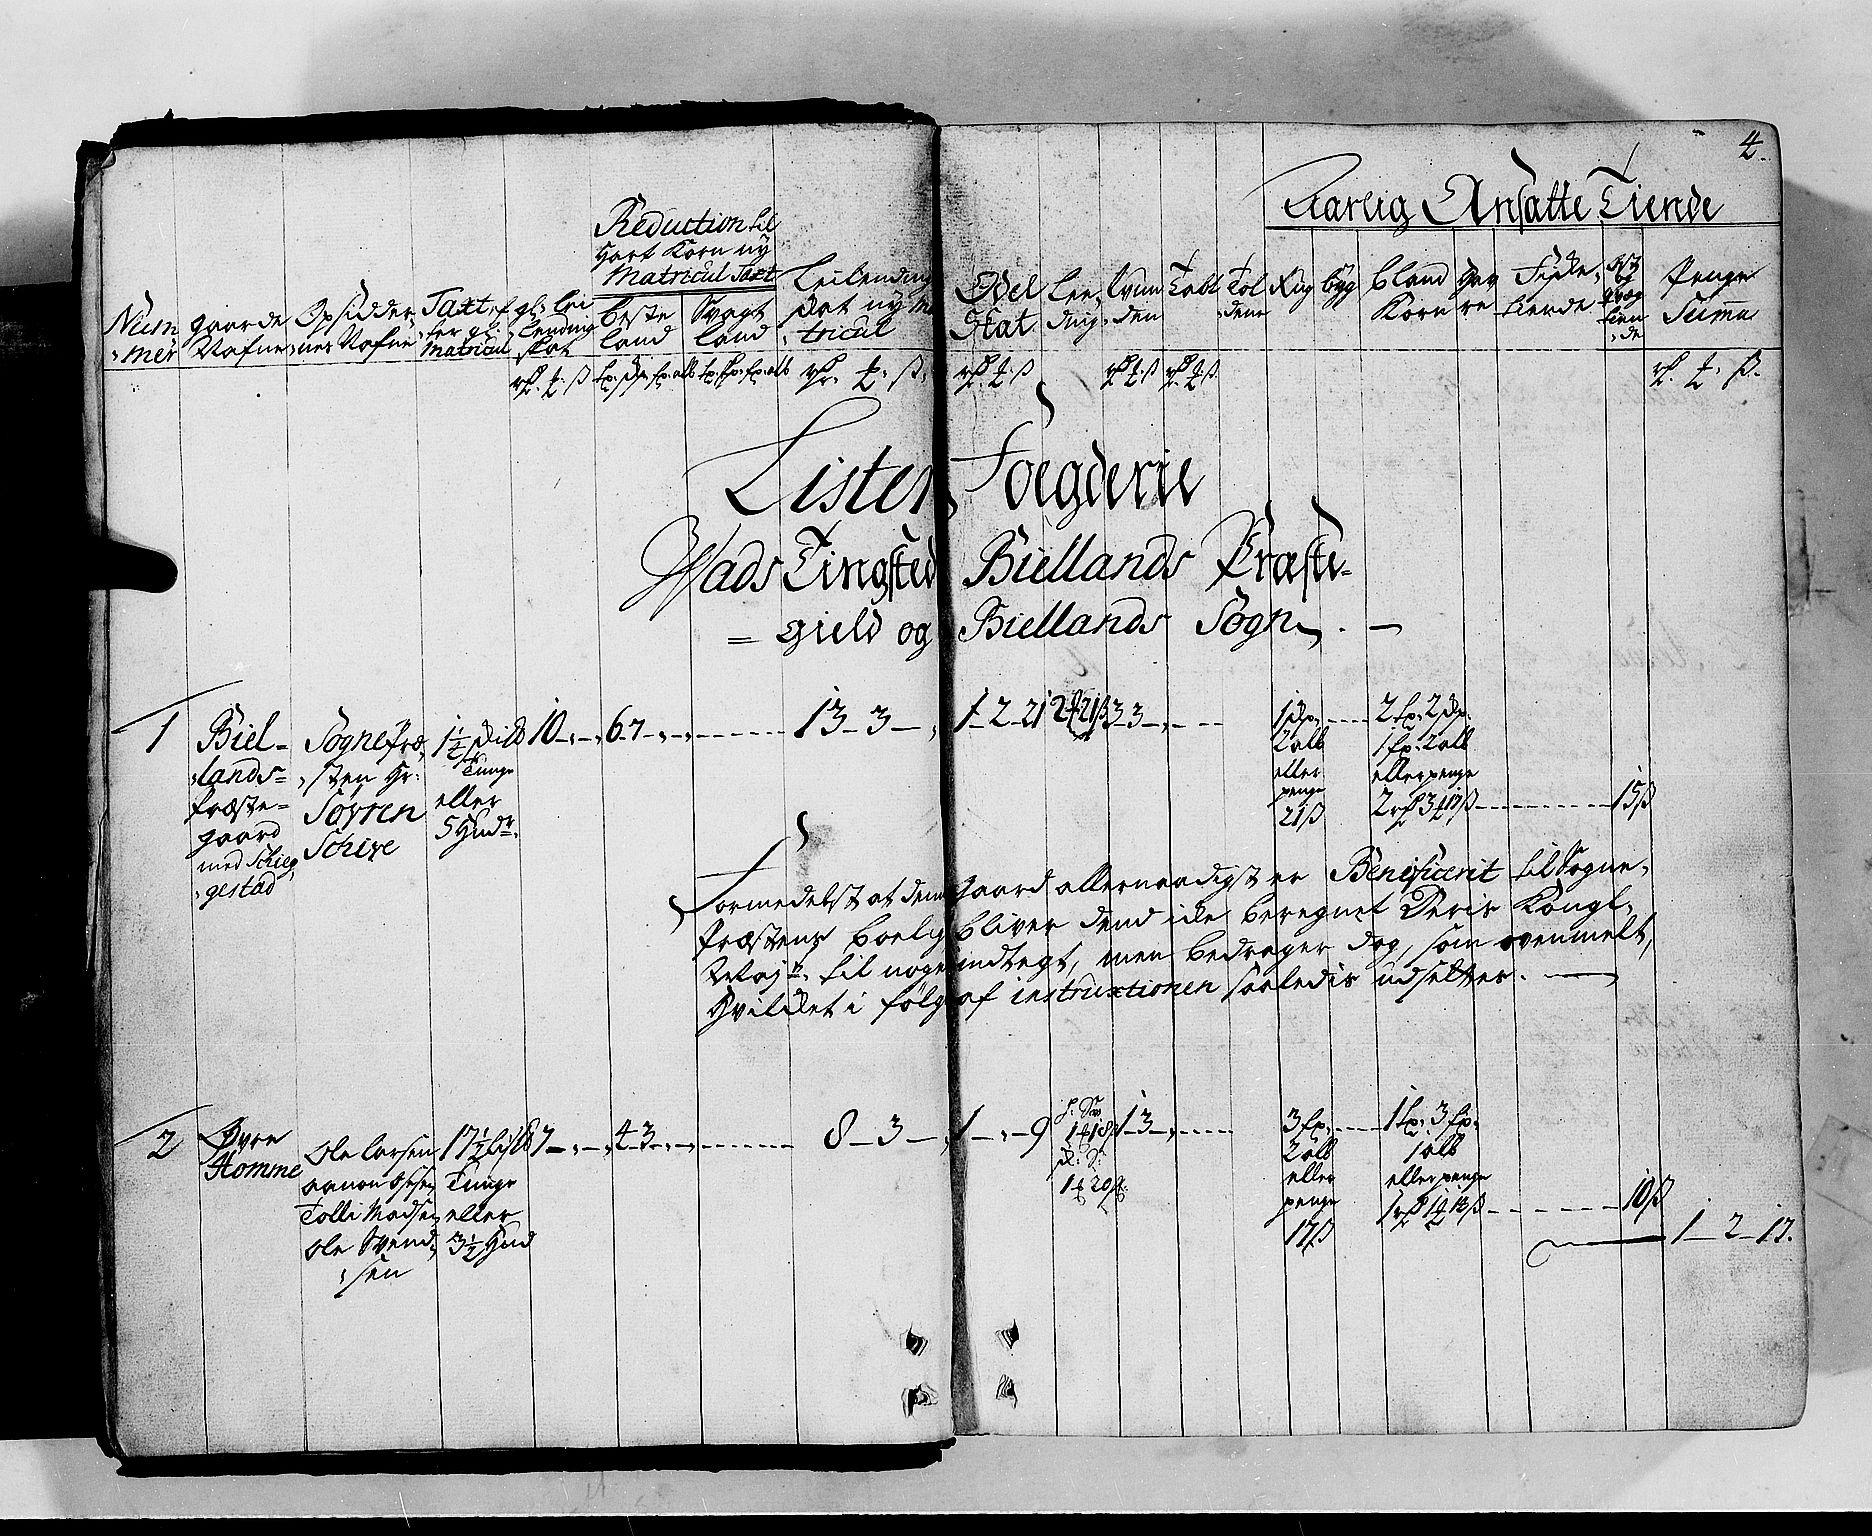 RA, Rentekammeret inntil 1814, Realistisk ordnet avdeling, N/Nb/Nbf/L0130: Lista matrikkelprotokoll, 1723, s. 3b-4a